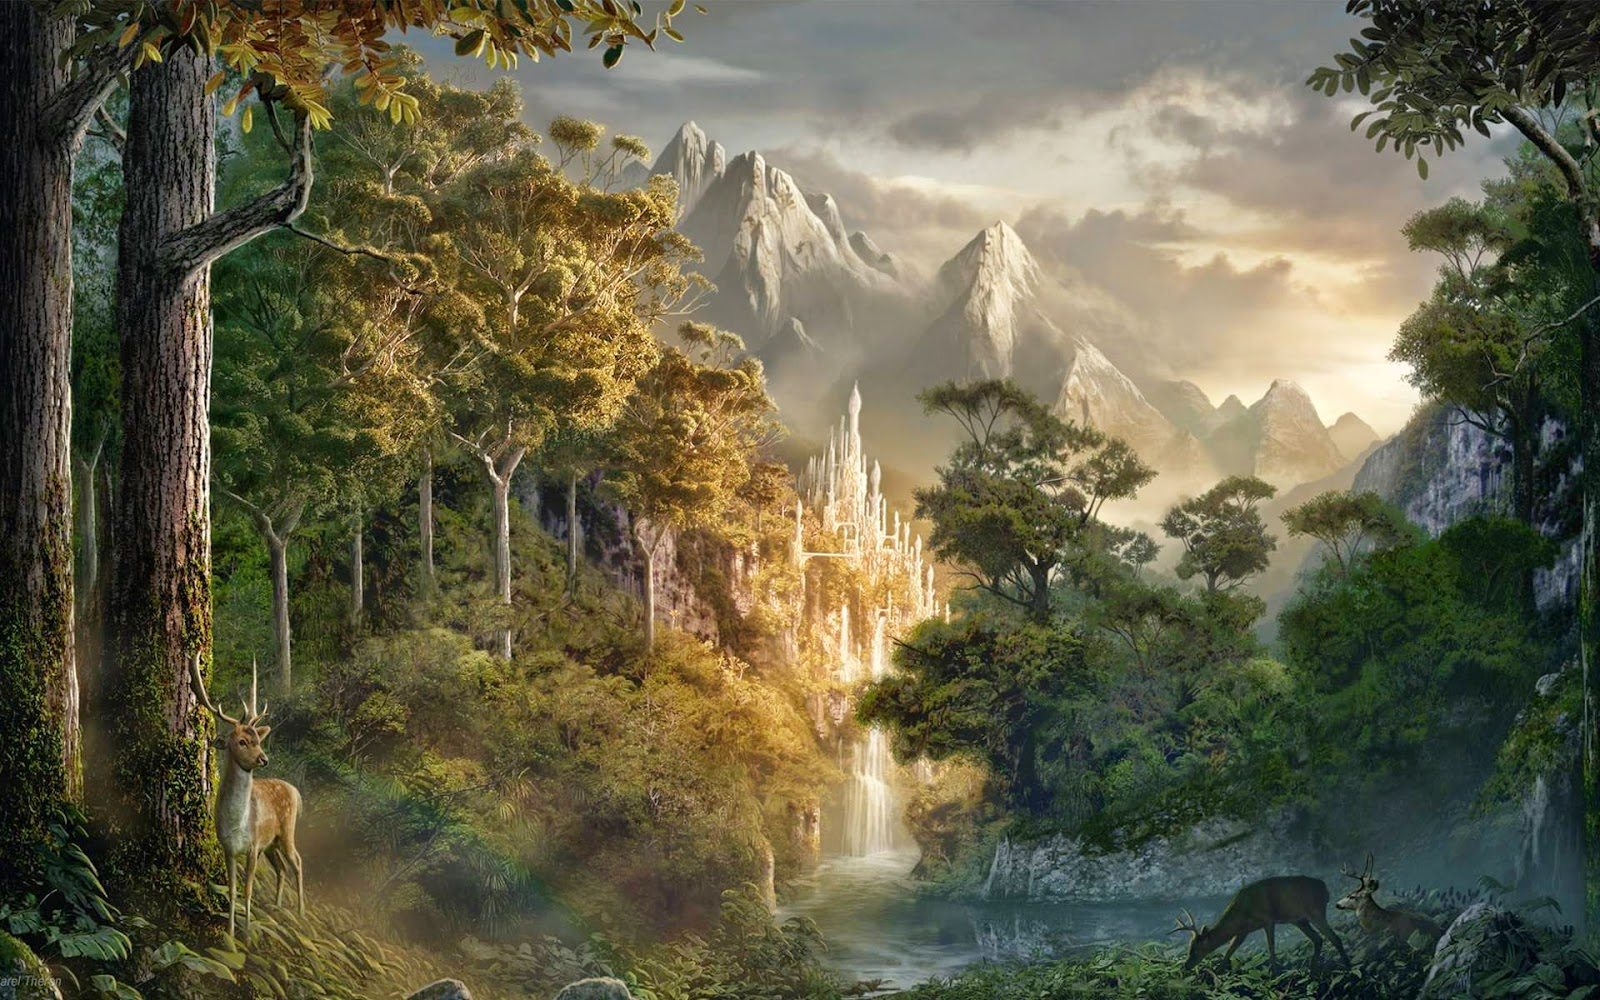 Il rifugio degli elfi ancora paesaggi fantasy for Paesaggi fantasy immagini